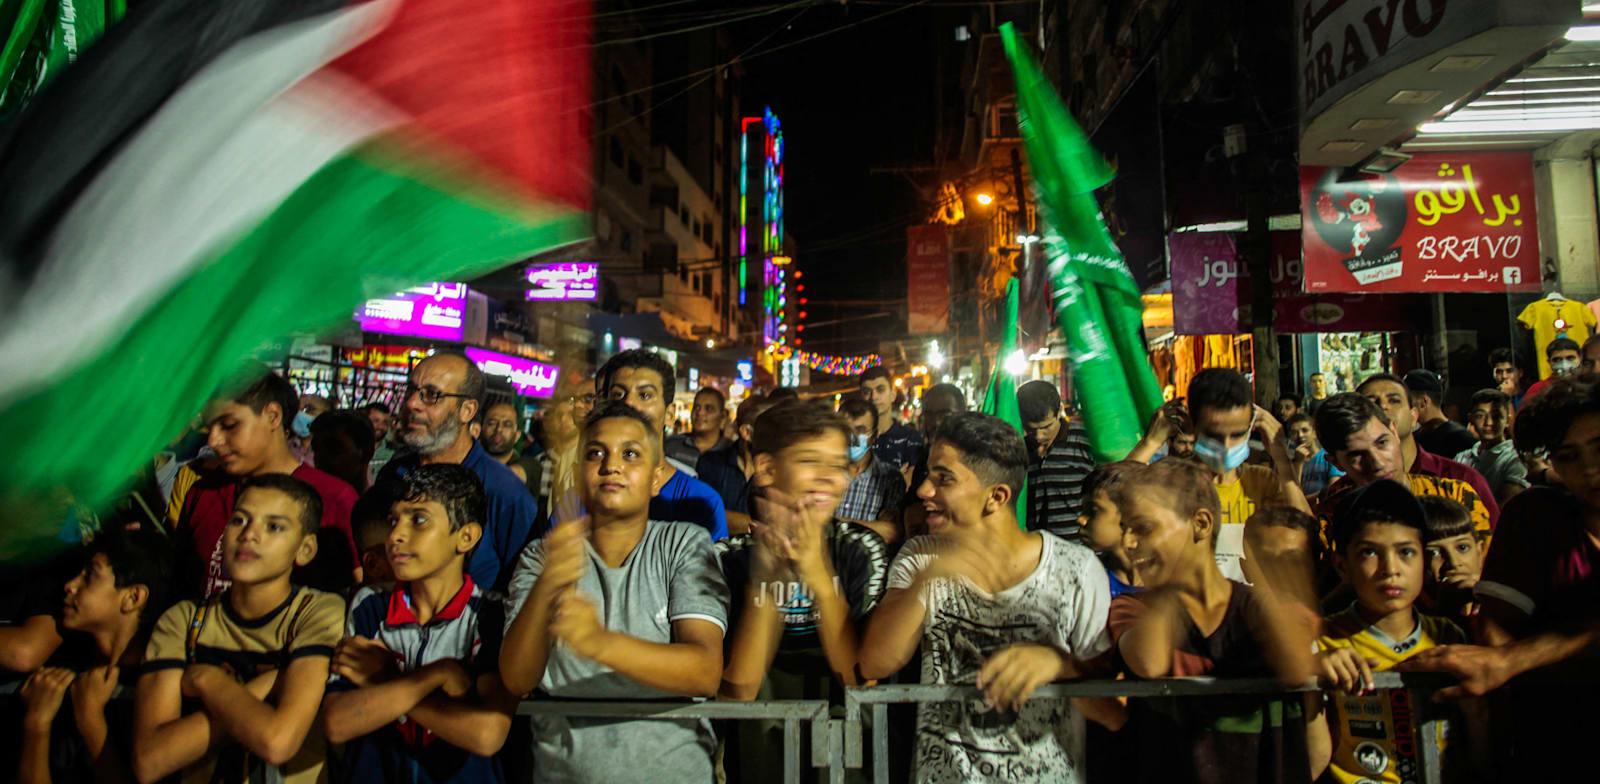 הפגנת תמיכה באסירים בעזה / צילום: Reuters, חבוב ראמז